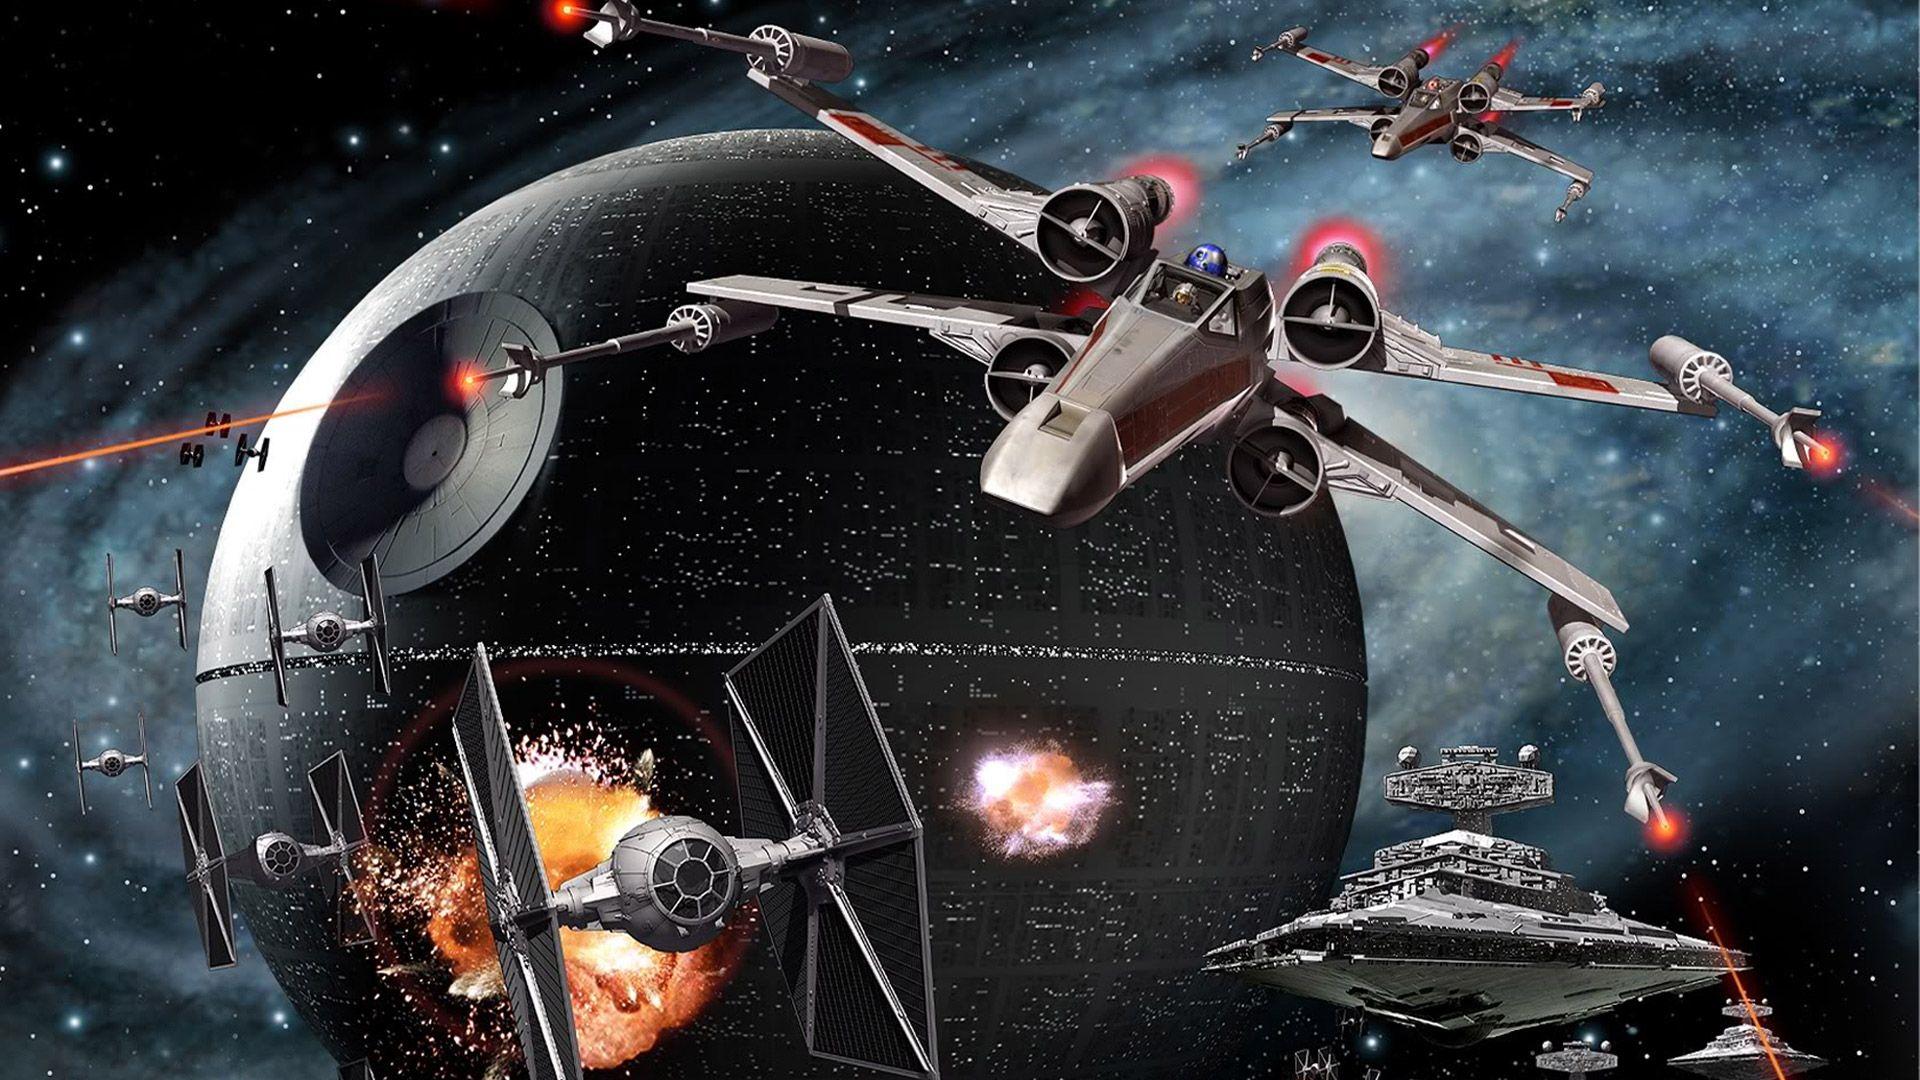 Star Trek Ship Wallpaper Widescreen